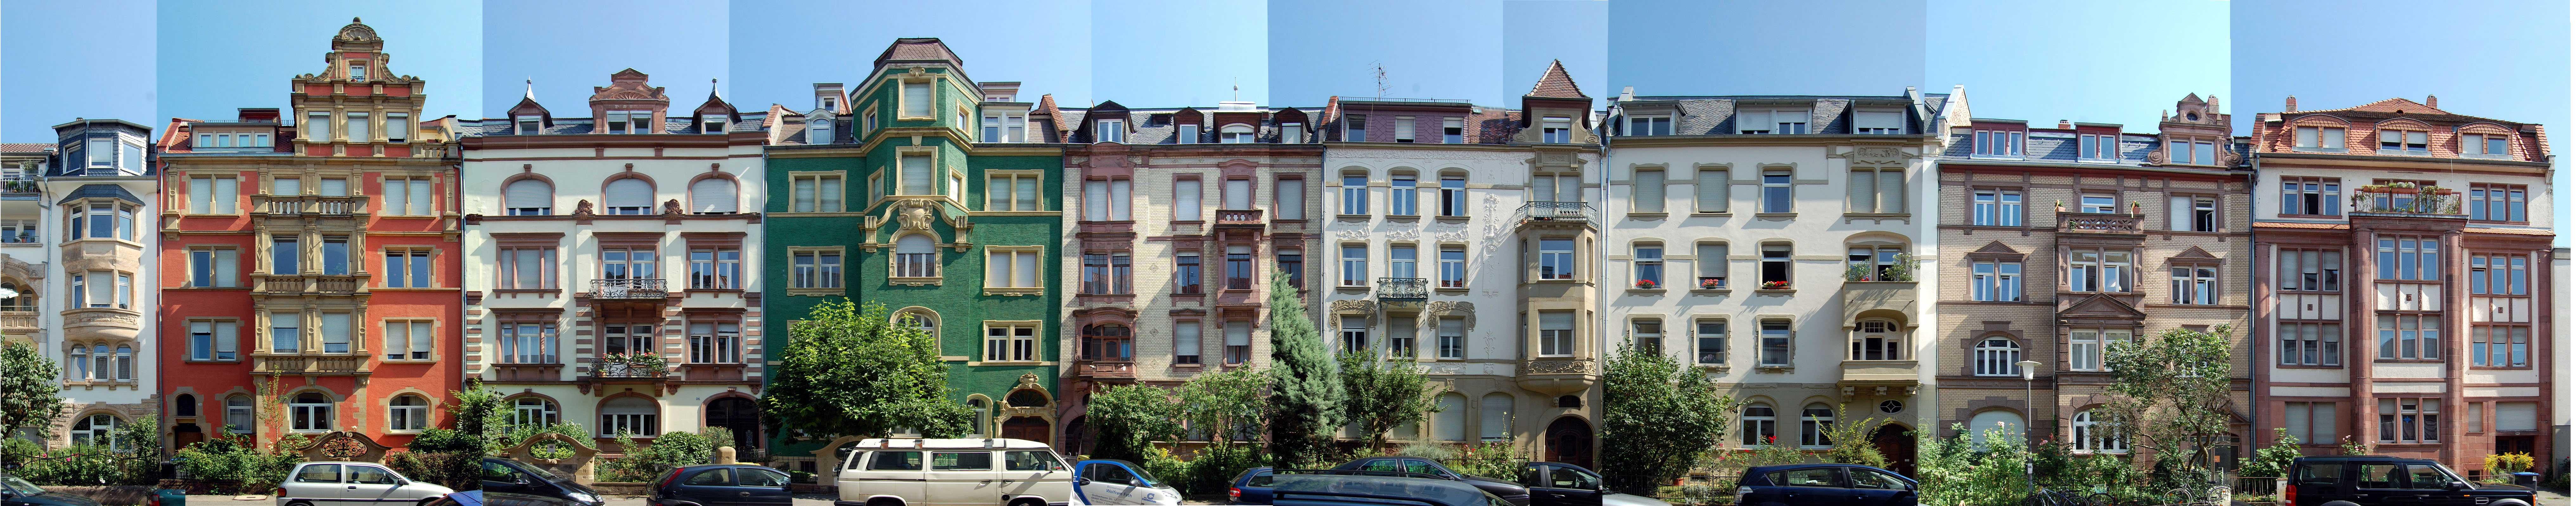 Jugendstil in Heidelberg Neuenheim, Architekturbüro Heidelberg: Kochhan und Weckbach